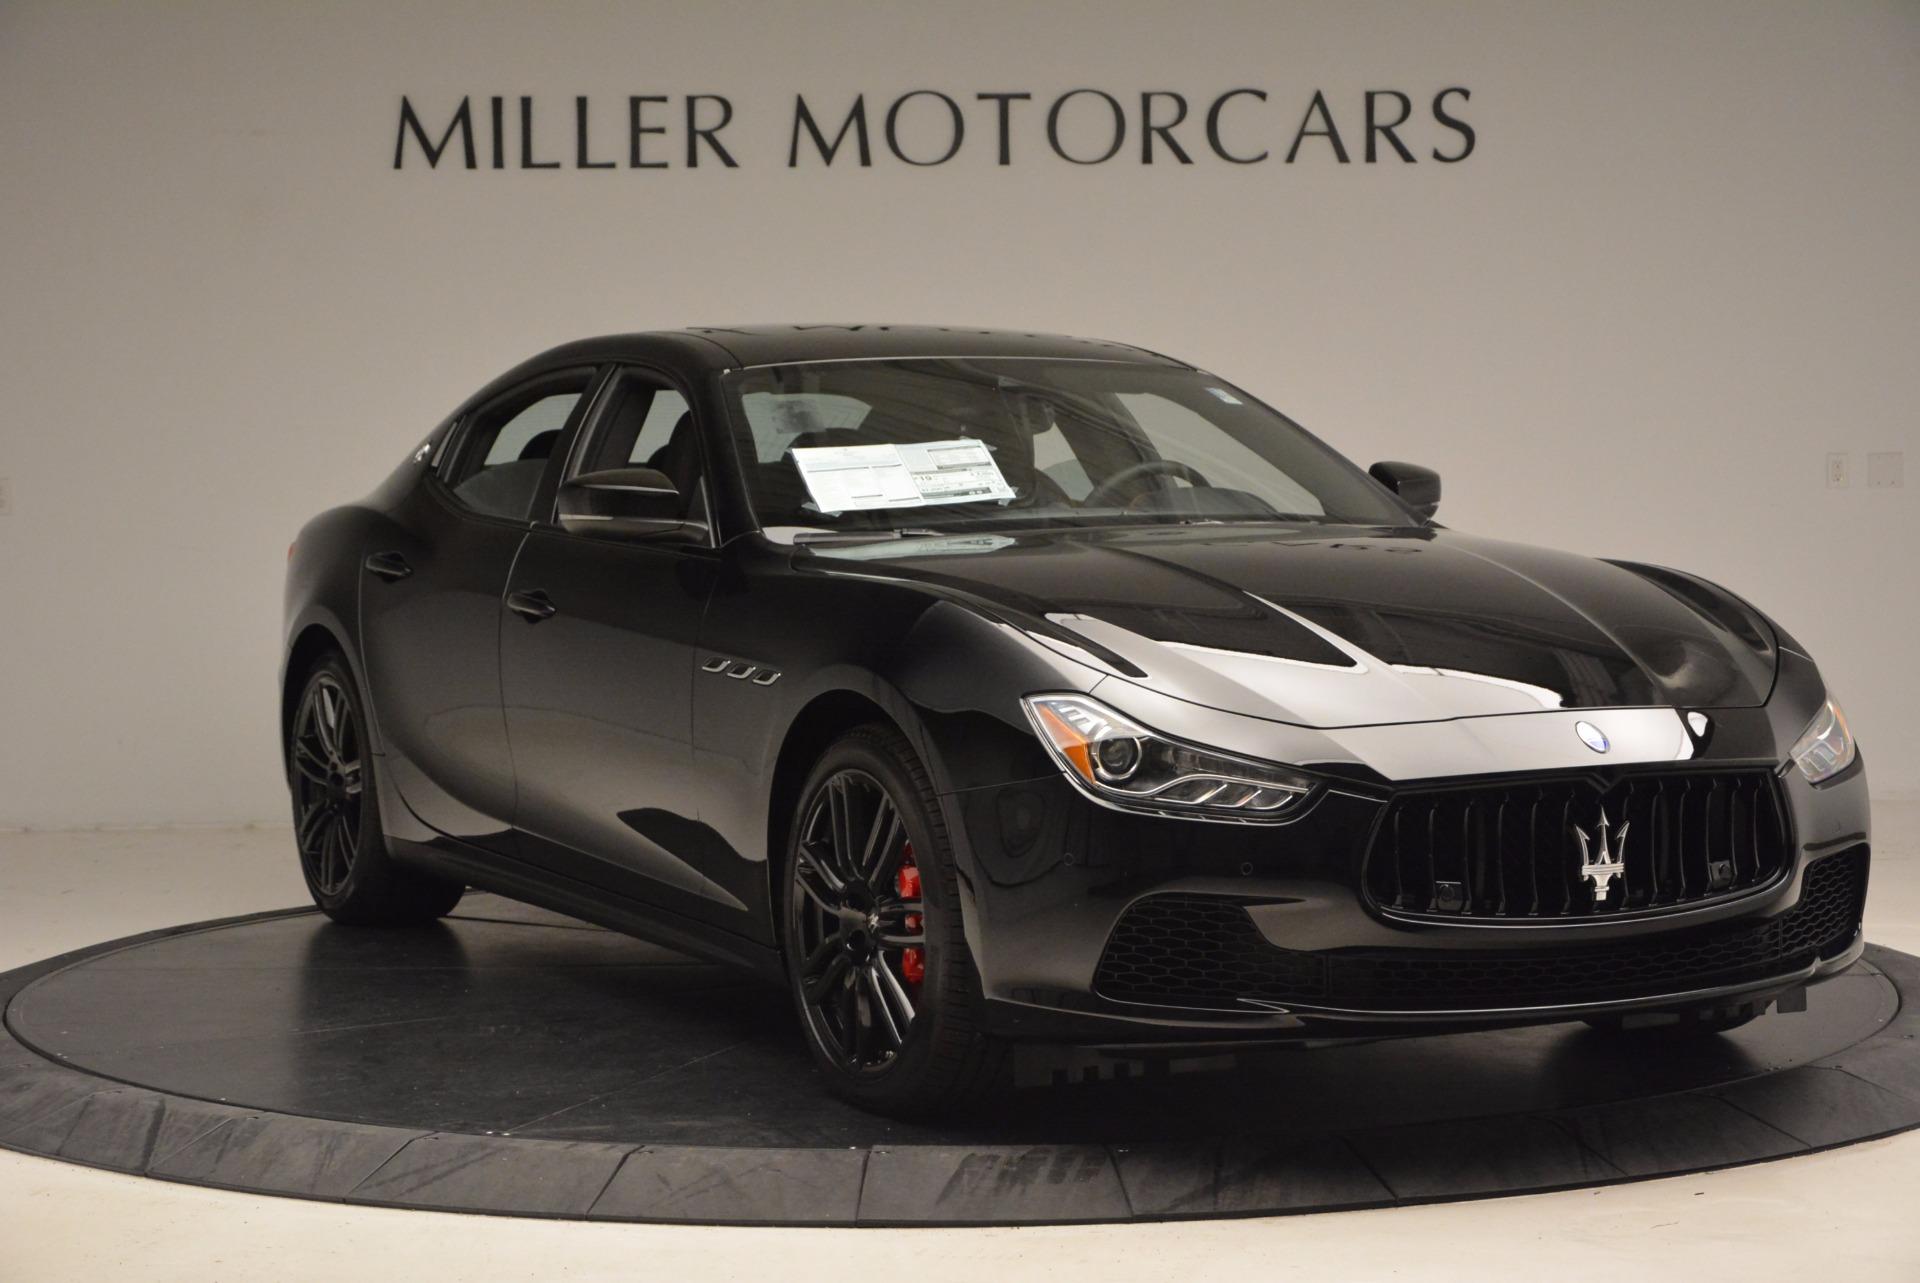 New 2017 Maserati Ghibli Nerissimo Edition S Q4 For Sale In Greenwich, CT 1391_p11